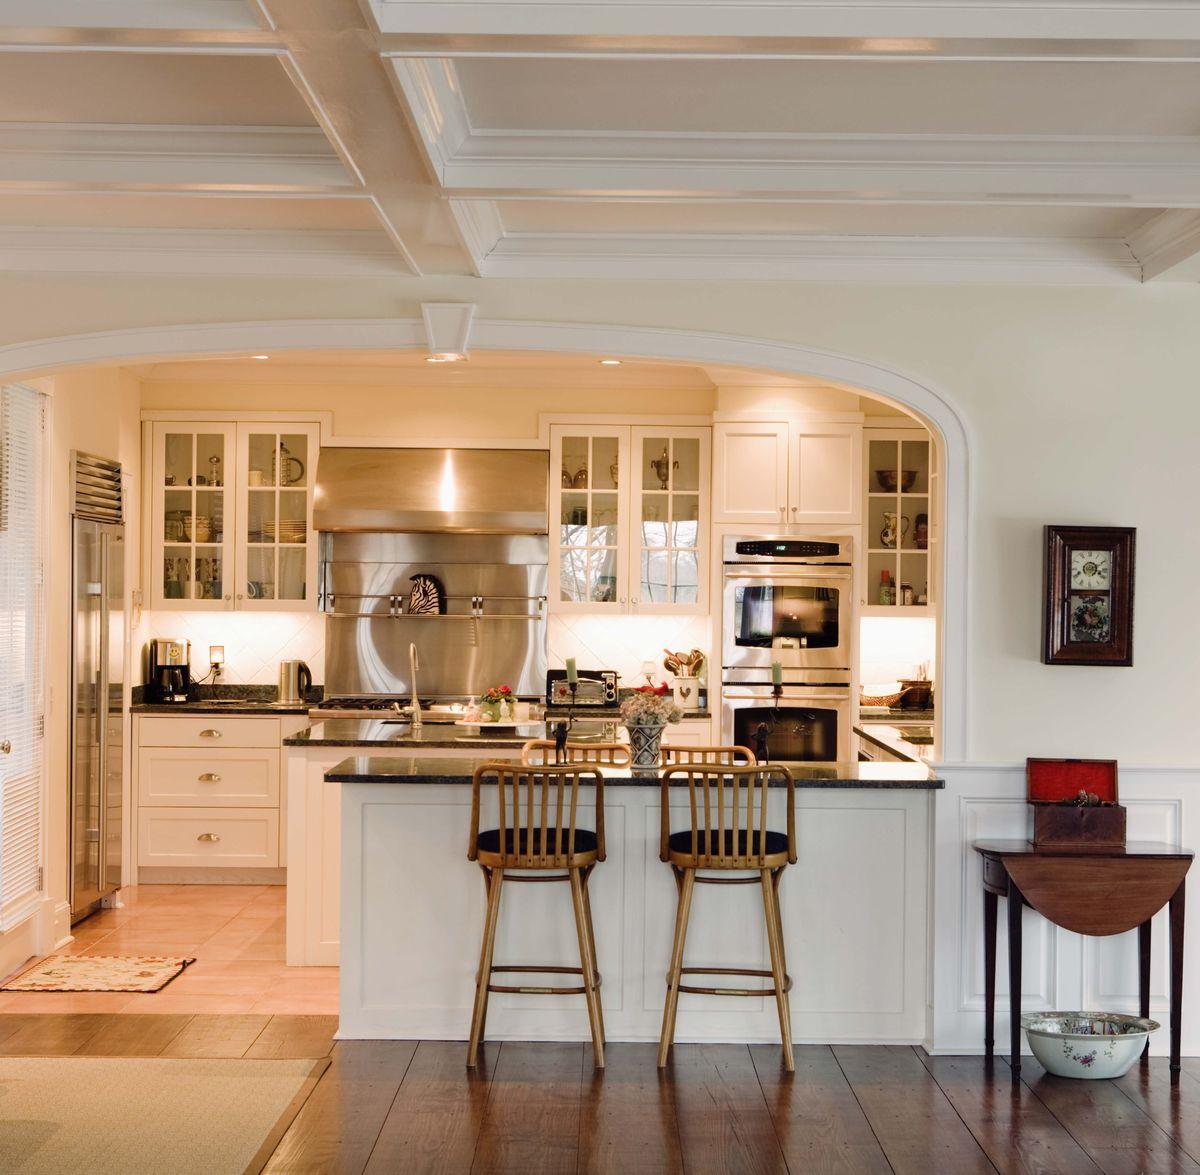 实木橱柜,欧式风格,吧台,定制家具,原木家具图片